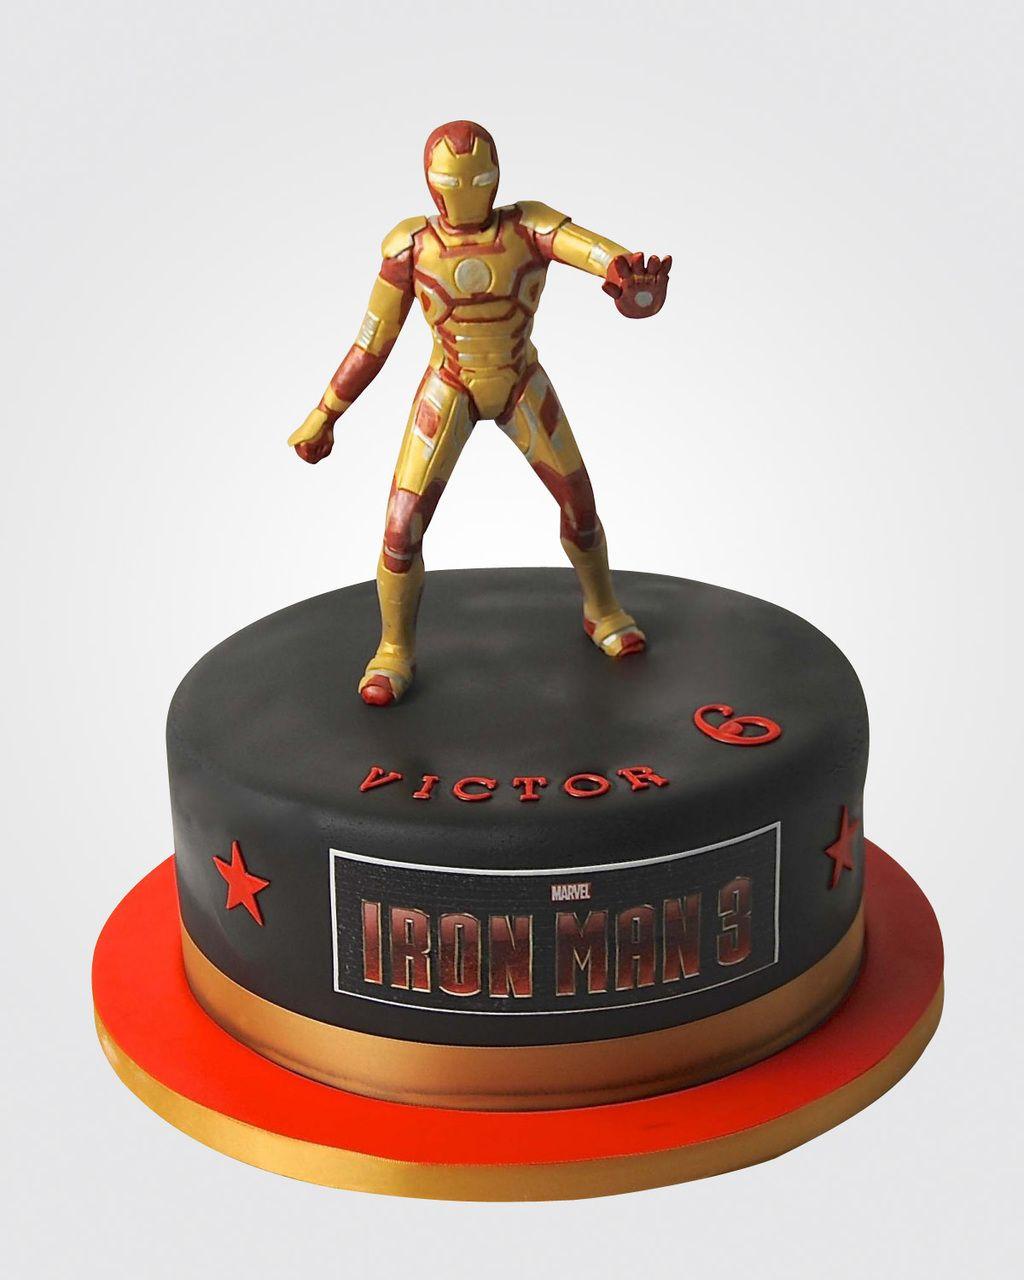 Iron Man Cake Sp2762 【iron Man】 Ironman Cake Cake